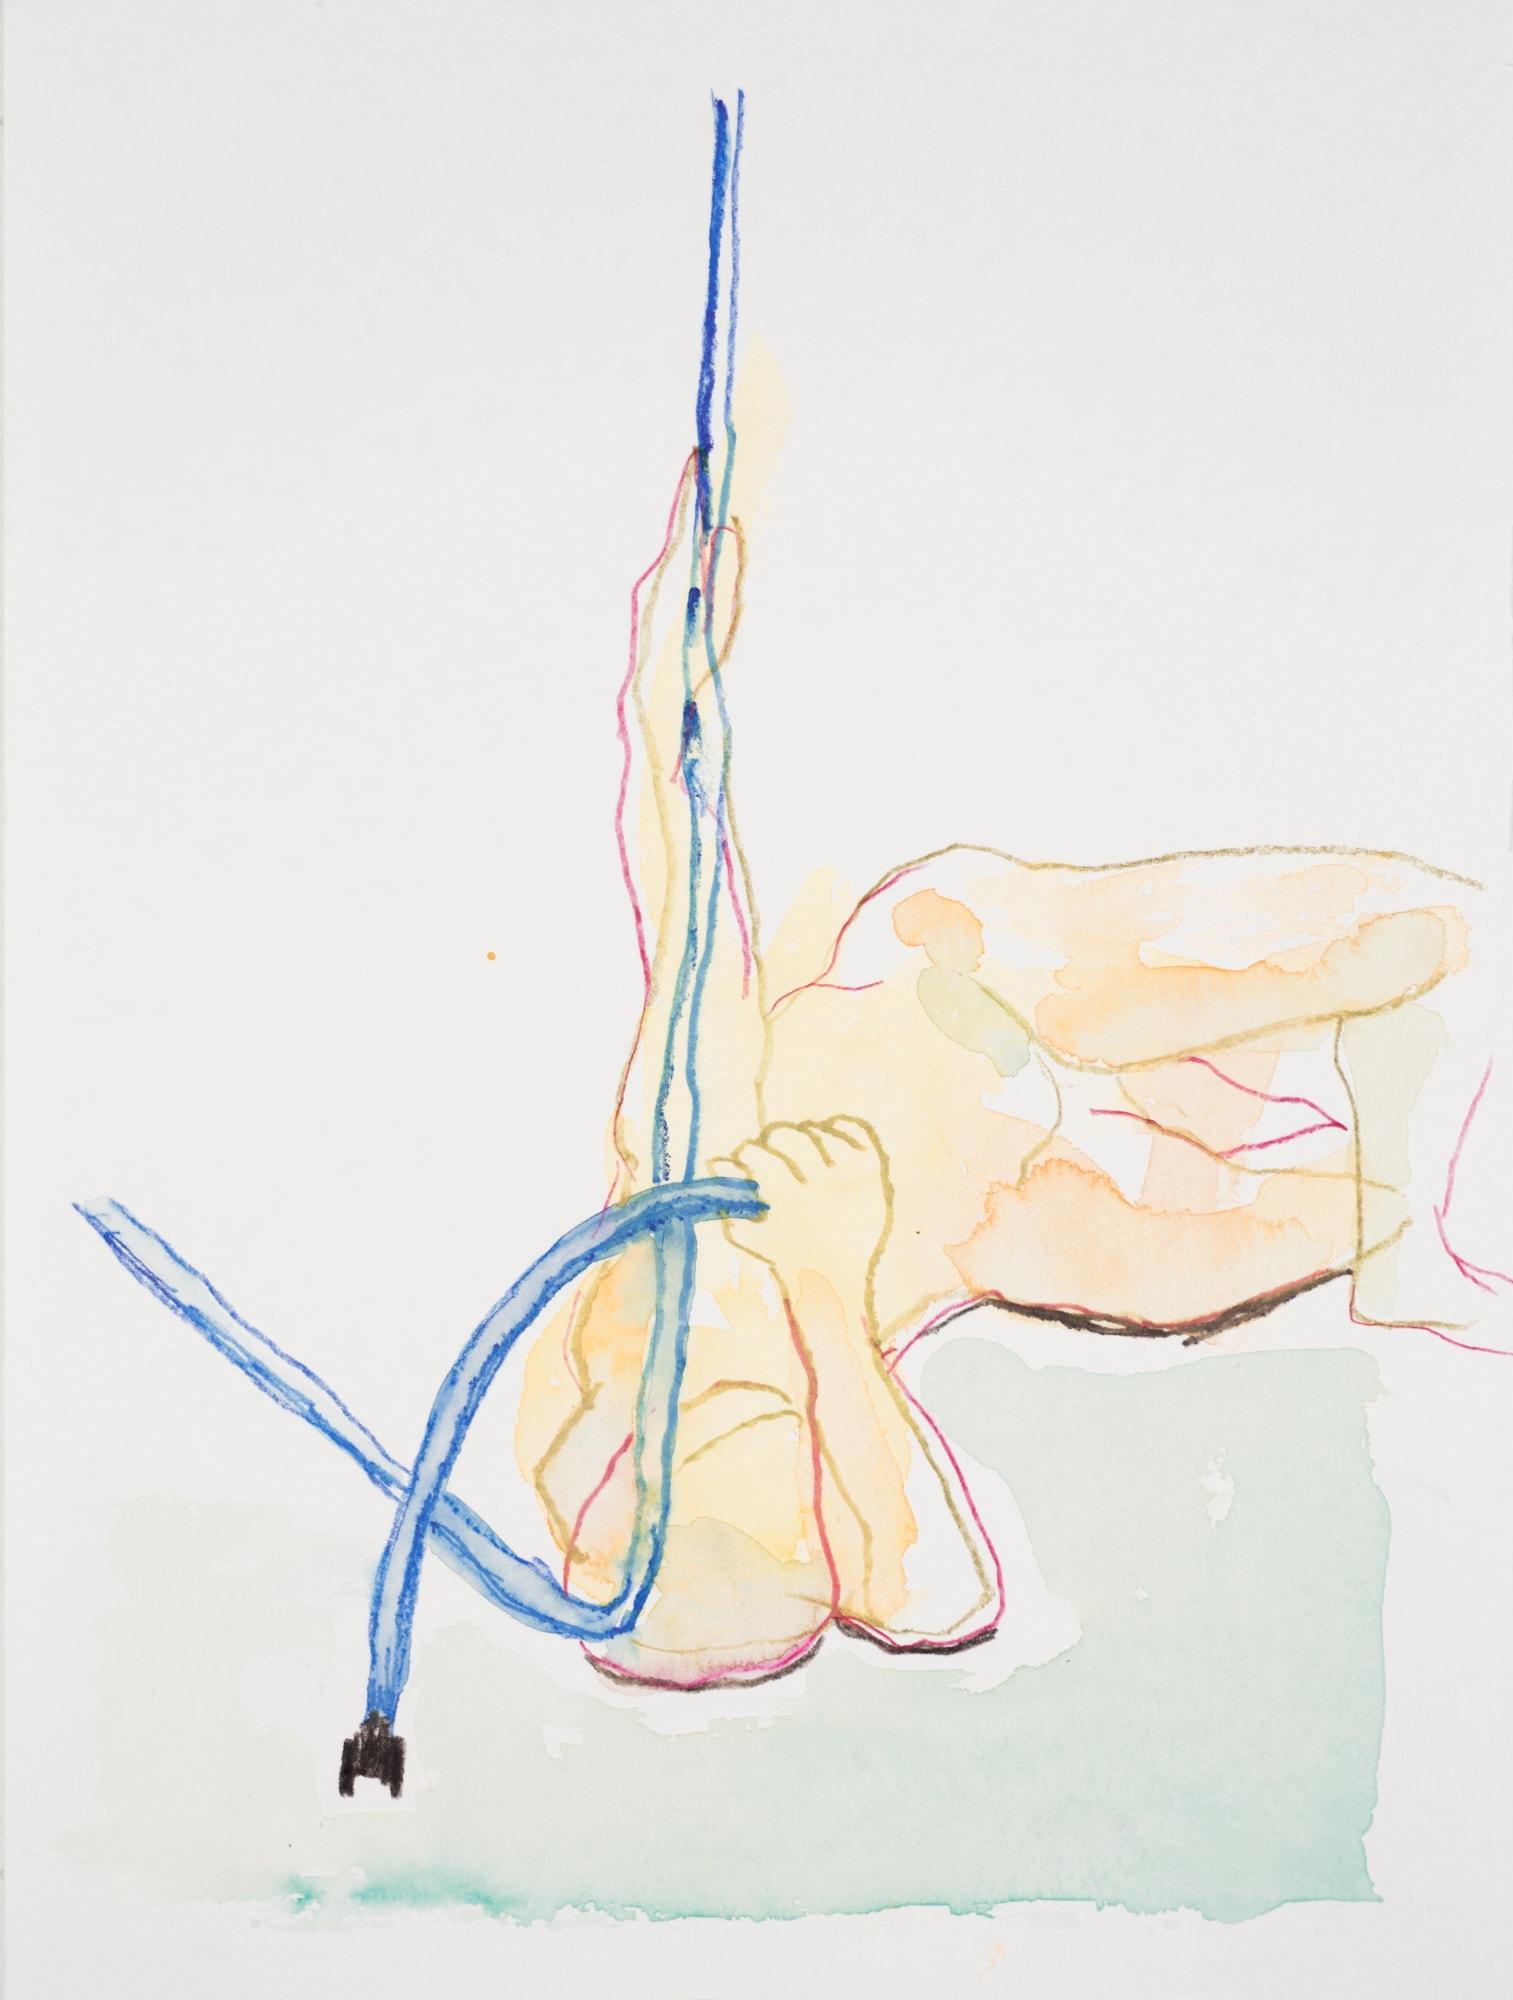 Zeichnung, Aquarell und Farbstift auf Papier, 24x32cm, Männerakt, Künstlerin: Franziska King